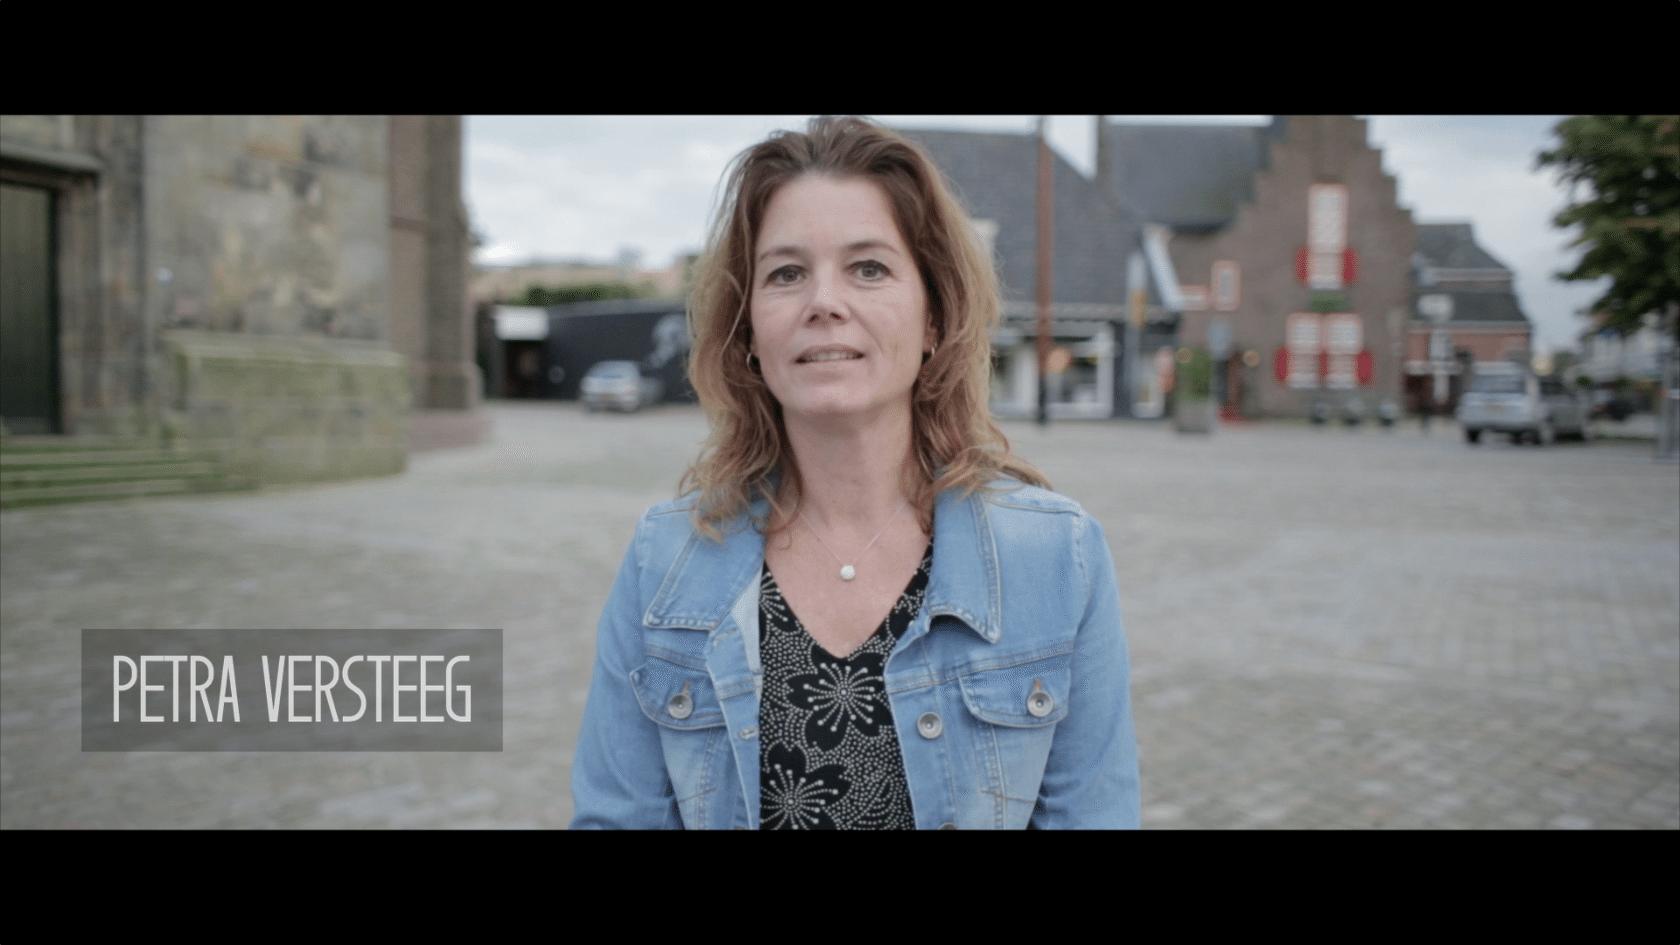 Petra_Versteeg_Tubbergen-Bruist